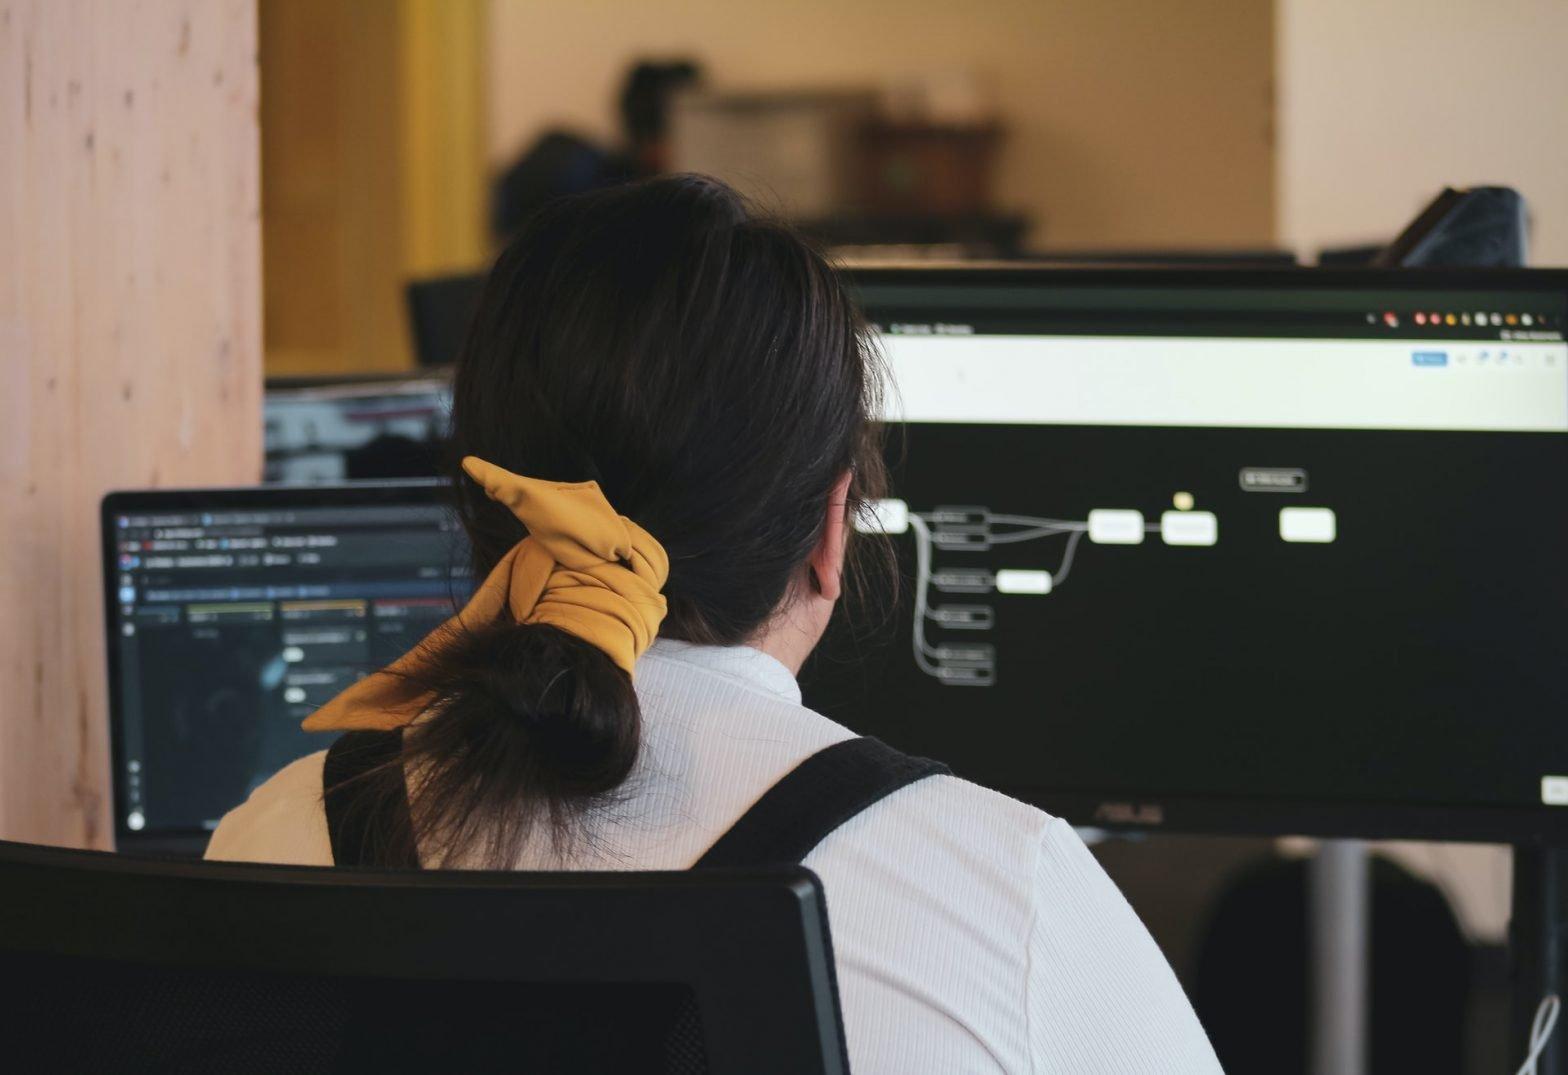 Donna di spalle di fronte a un computer